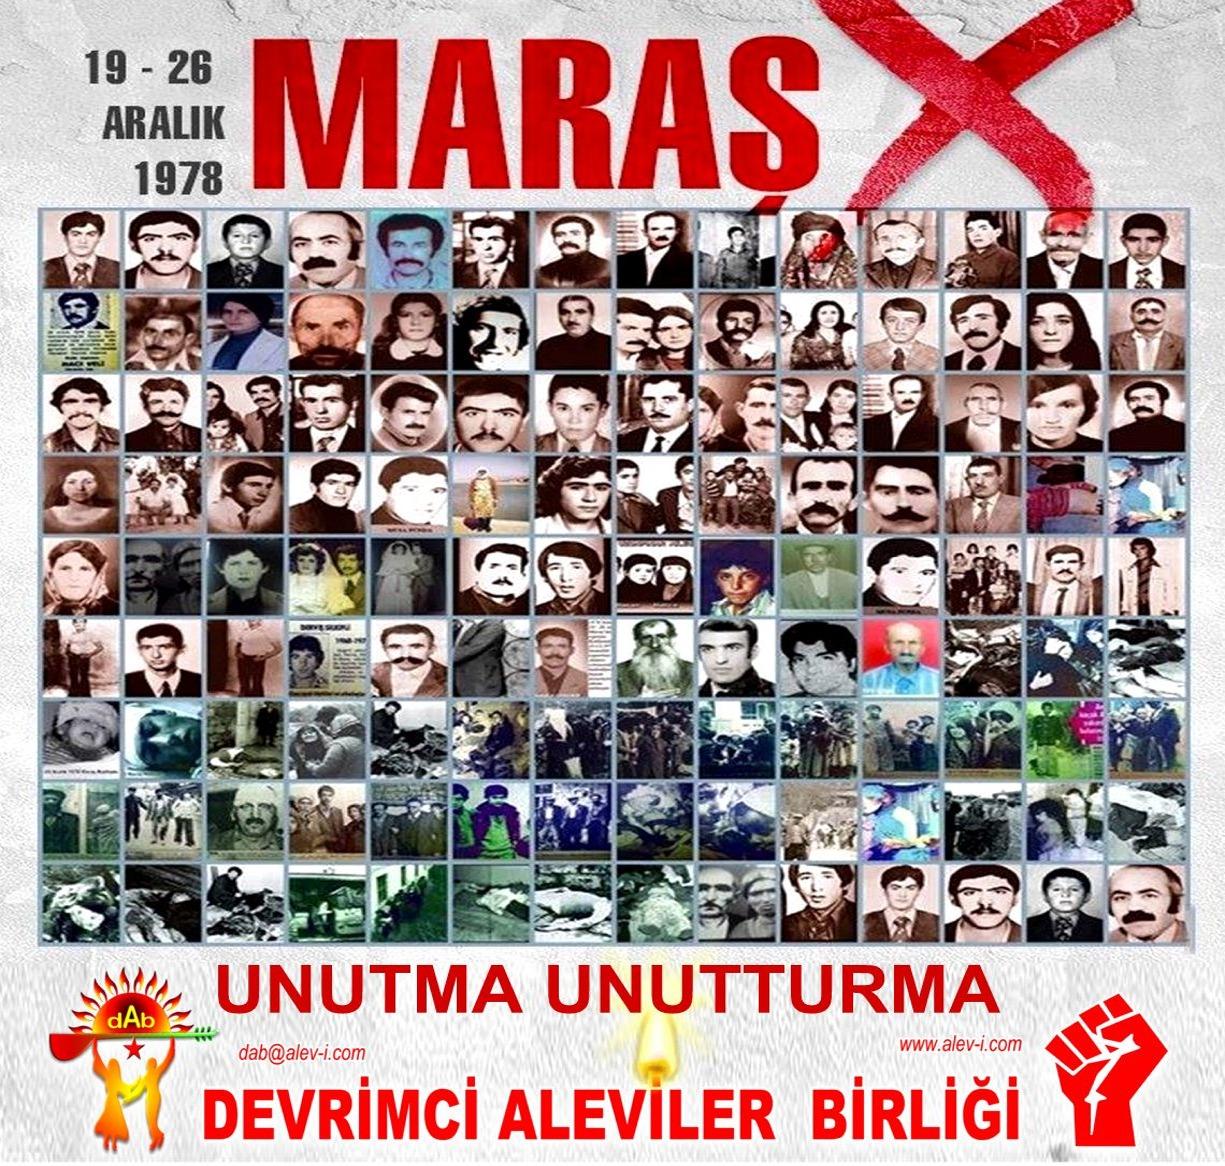 Devrimci Aleviler Birliği DAB Alevi Kızılbaş Bektaşi pir sultan cem hz Ali 12 imam semah Feramuz Şah Acar maras 19 26 aralik